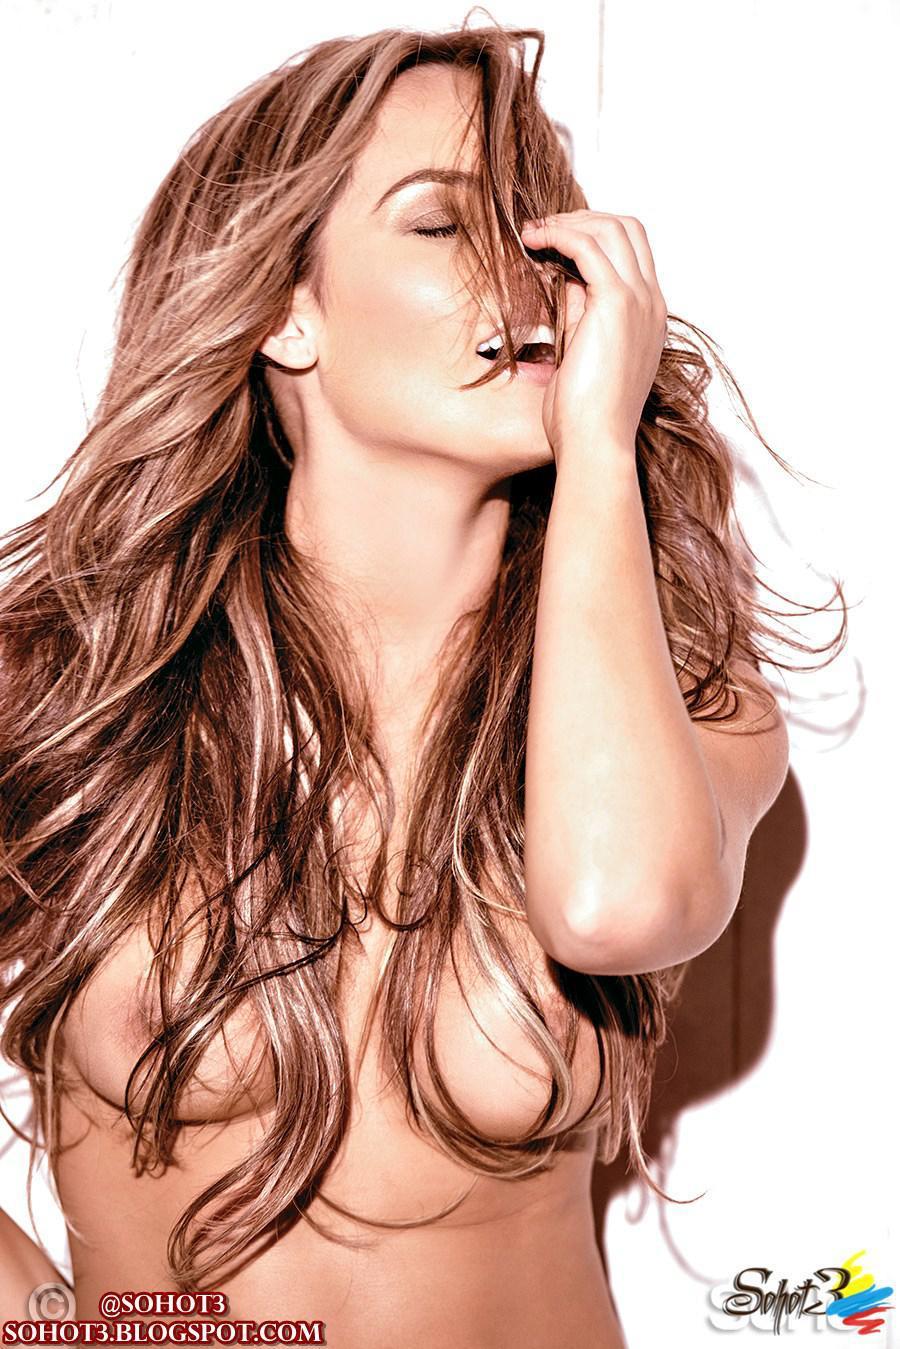 Nude melissa giraldo Melissa Giraldo